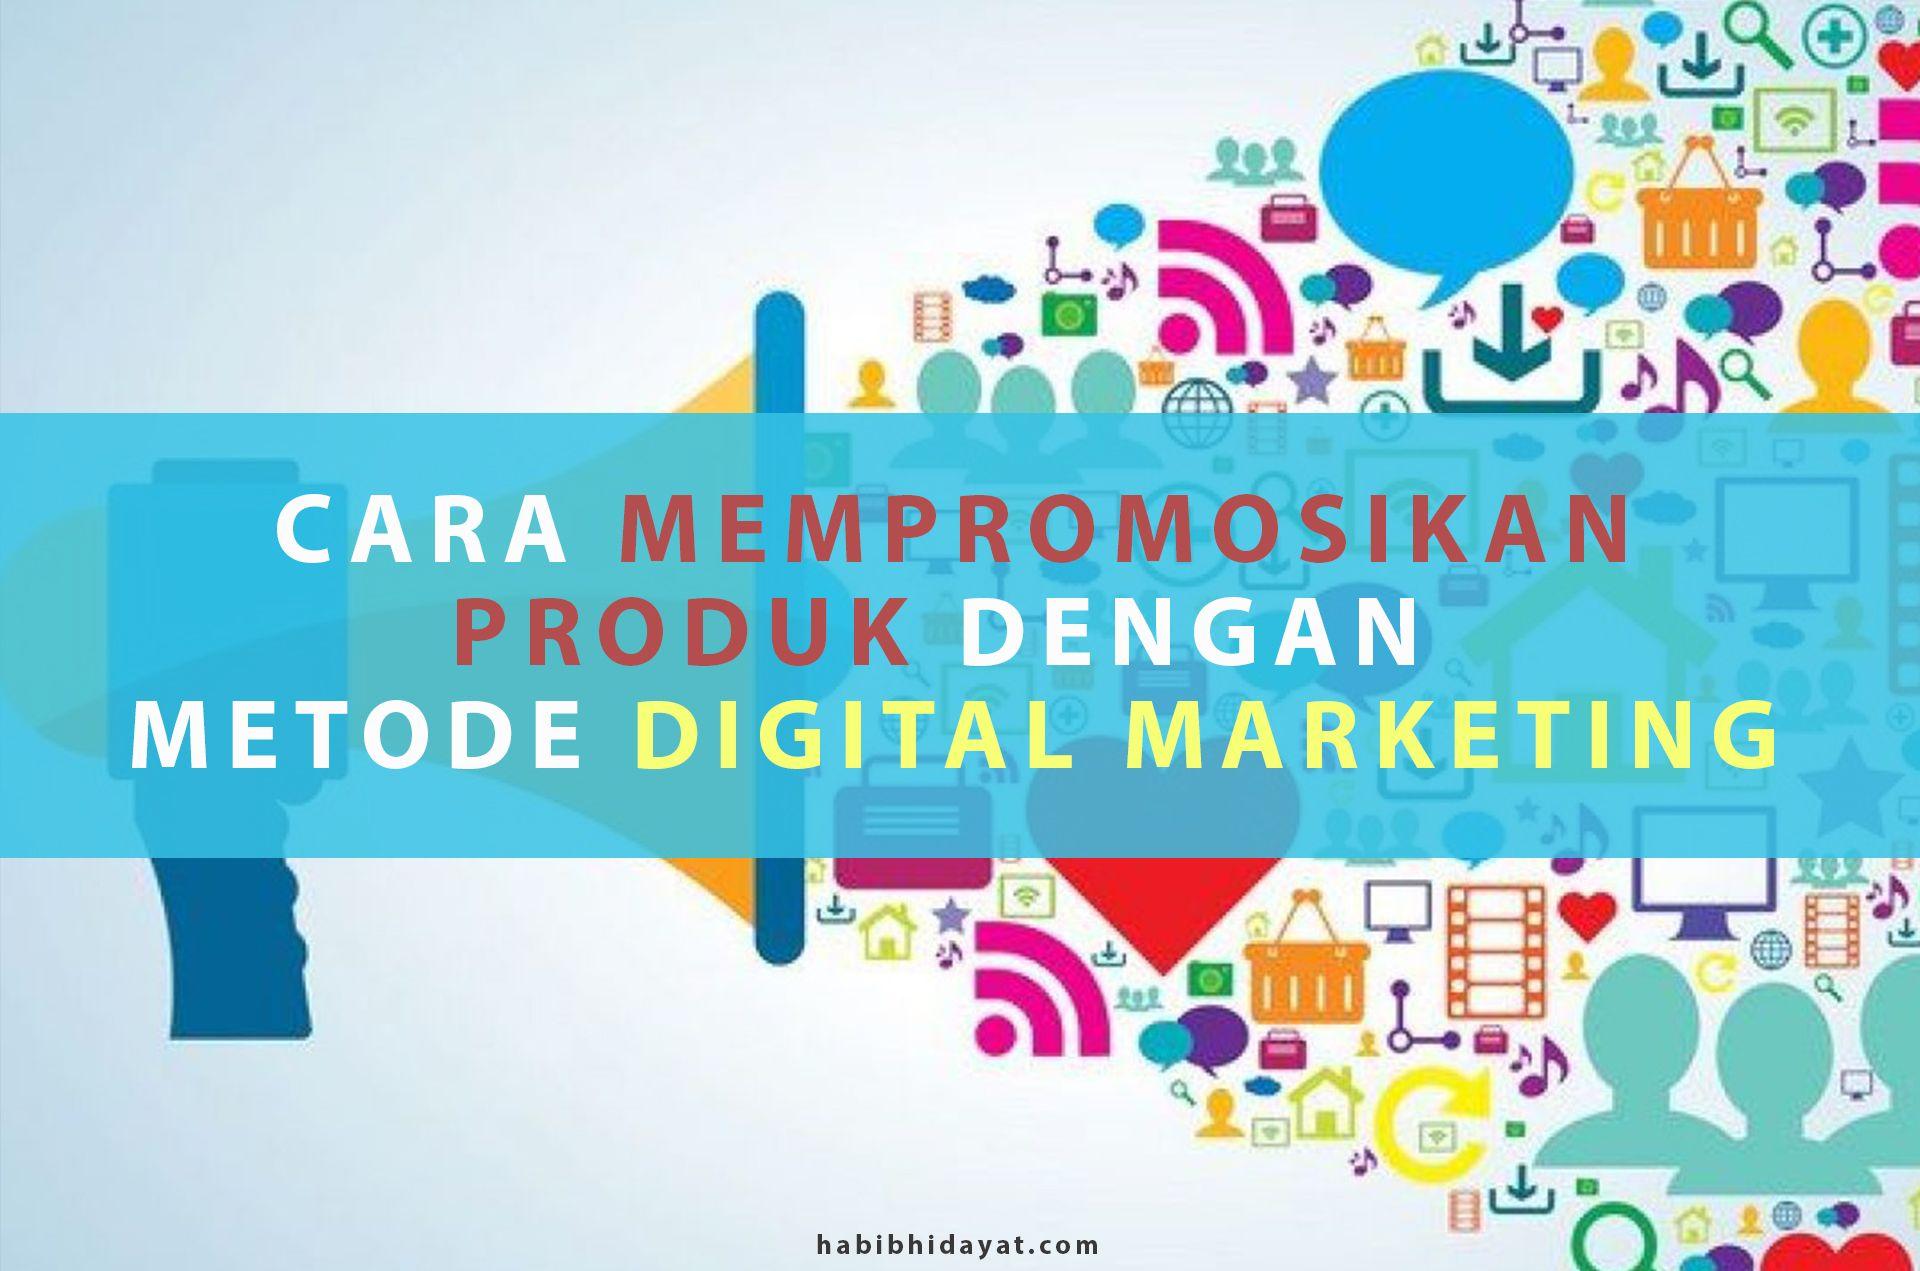 Cara Mempromosikan Produk Dengan Metode Pemasaran Digital Pemasaran Digital Pemasaran Marketing